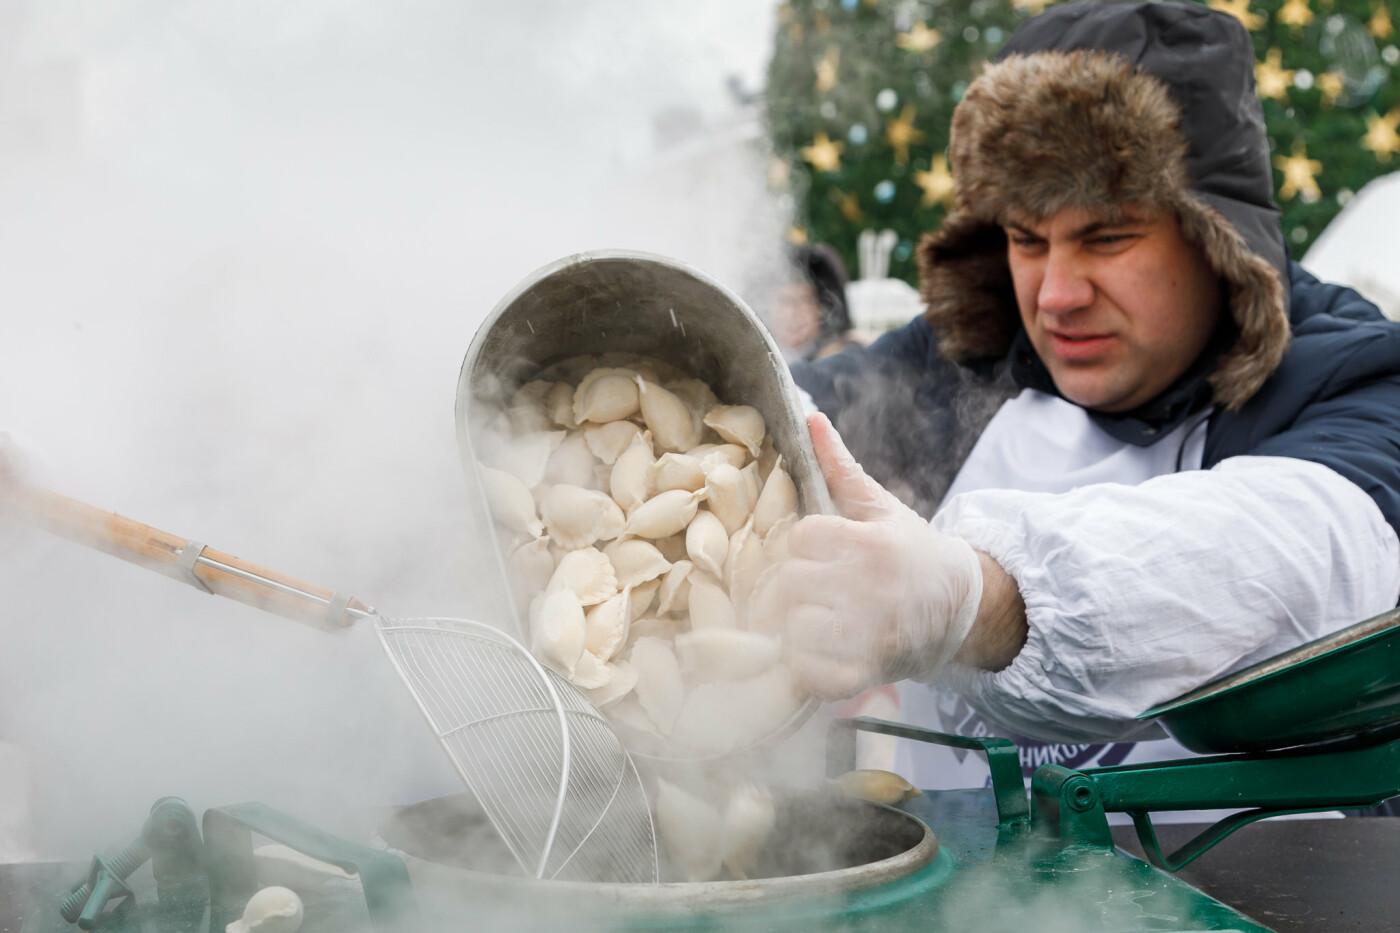 Как в Белгороде провели фестиваль вареников (фото), фото-2